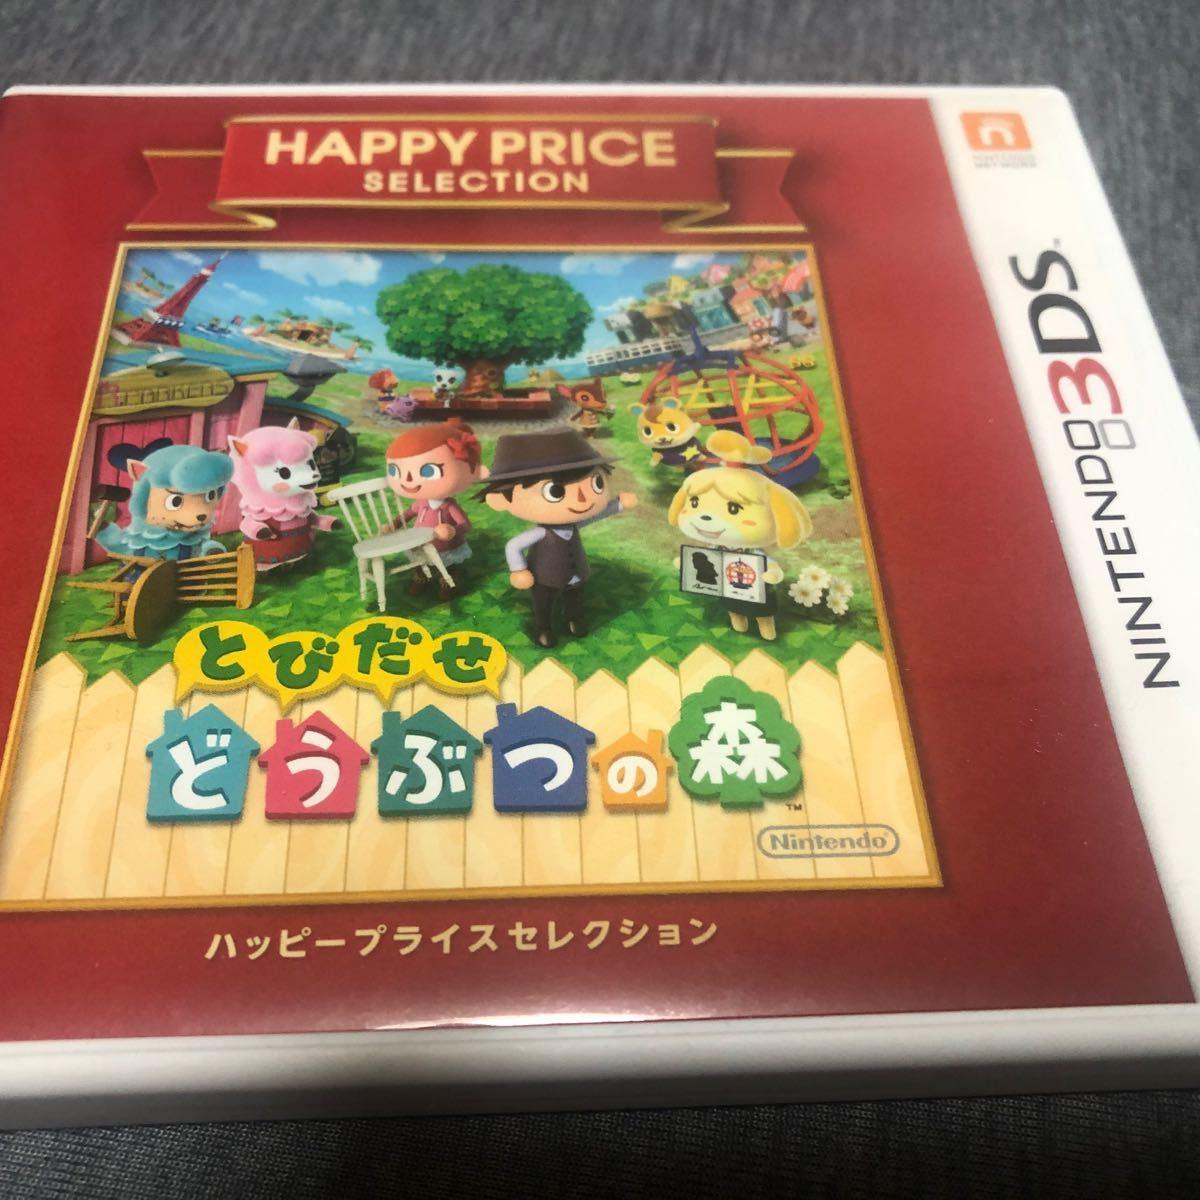 とびだせ どうぶつの森 ハッピープライスセレクション 3DS nintendow  ニンテンドー3DSソフト